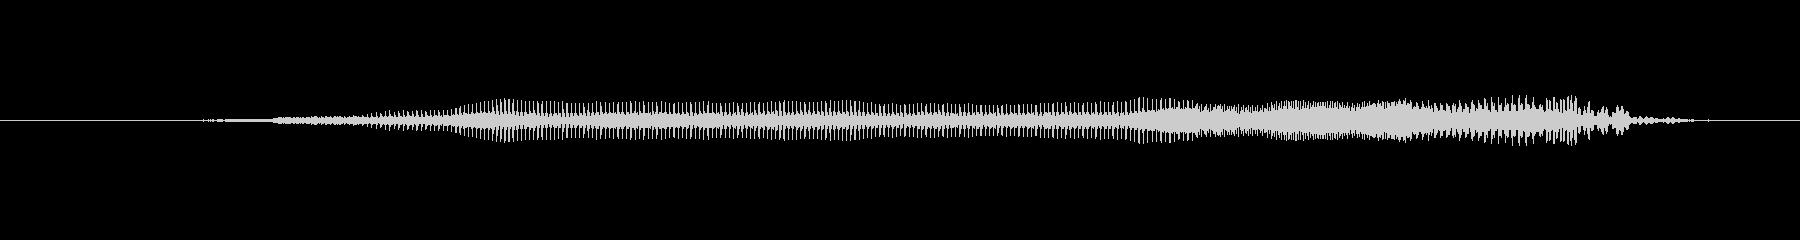 犬 GSP 低音不満04の未再生の波形